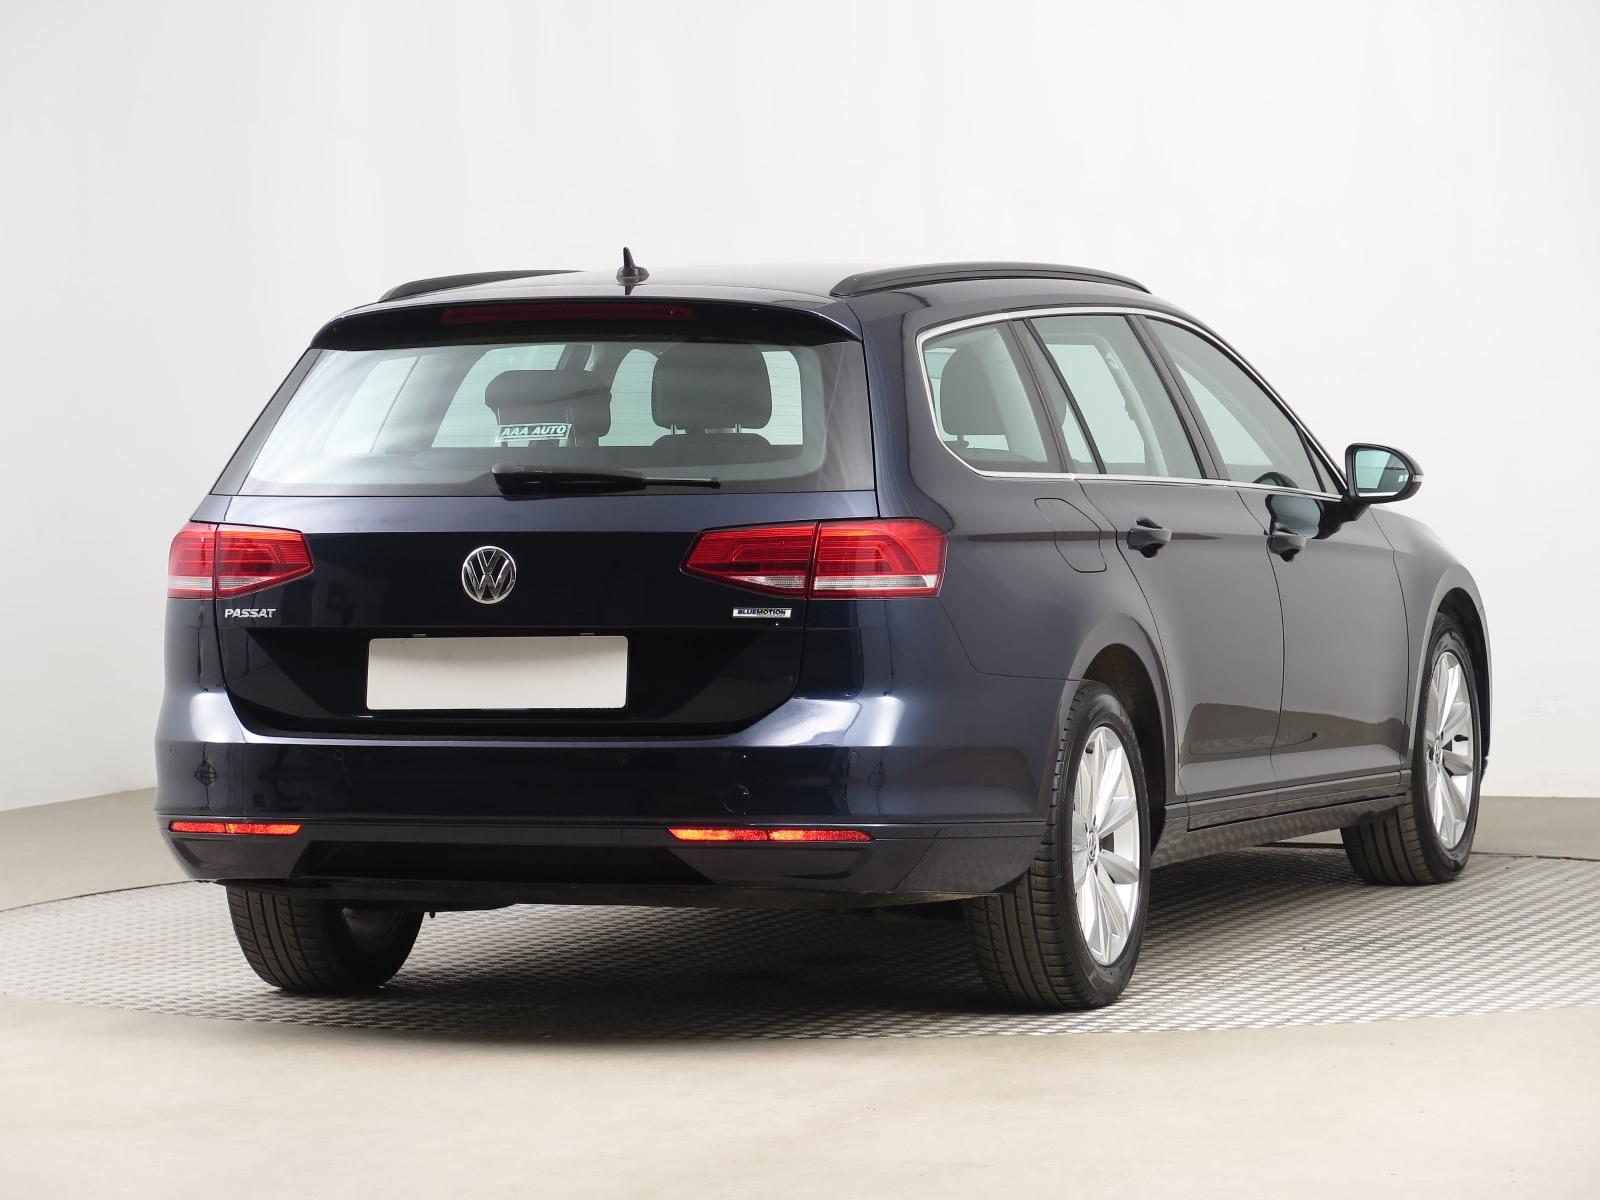 Volkswagen Passat, 2016 - pohled č. 7